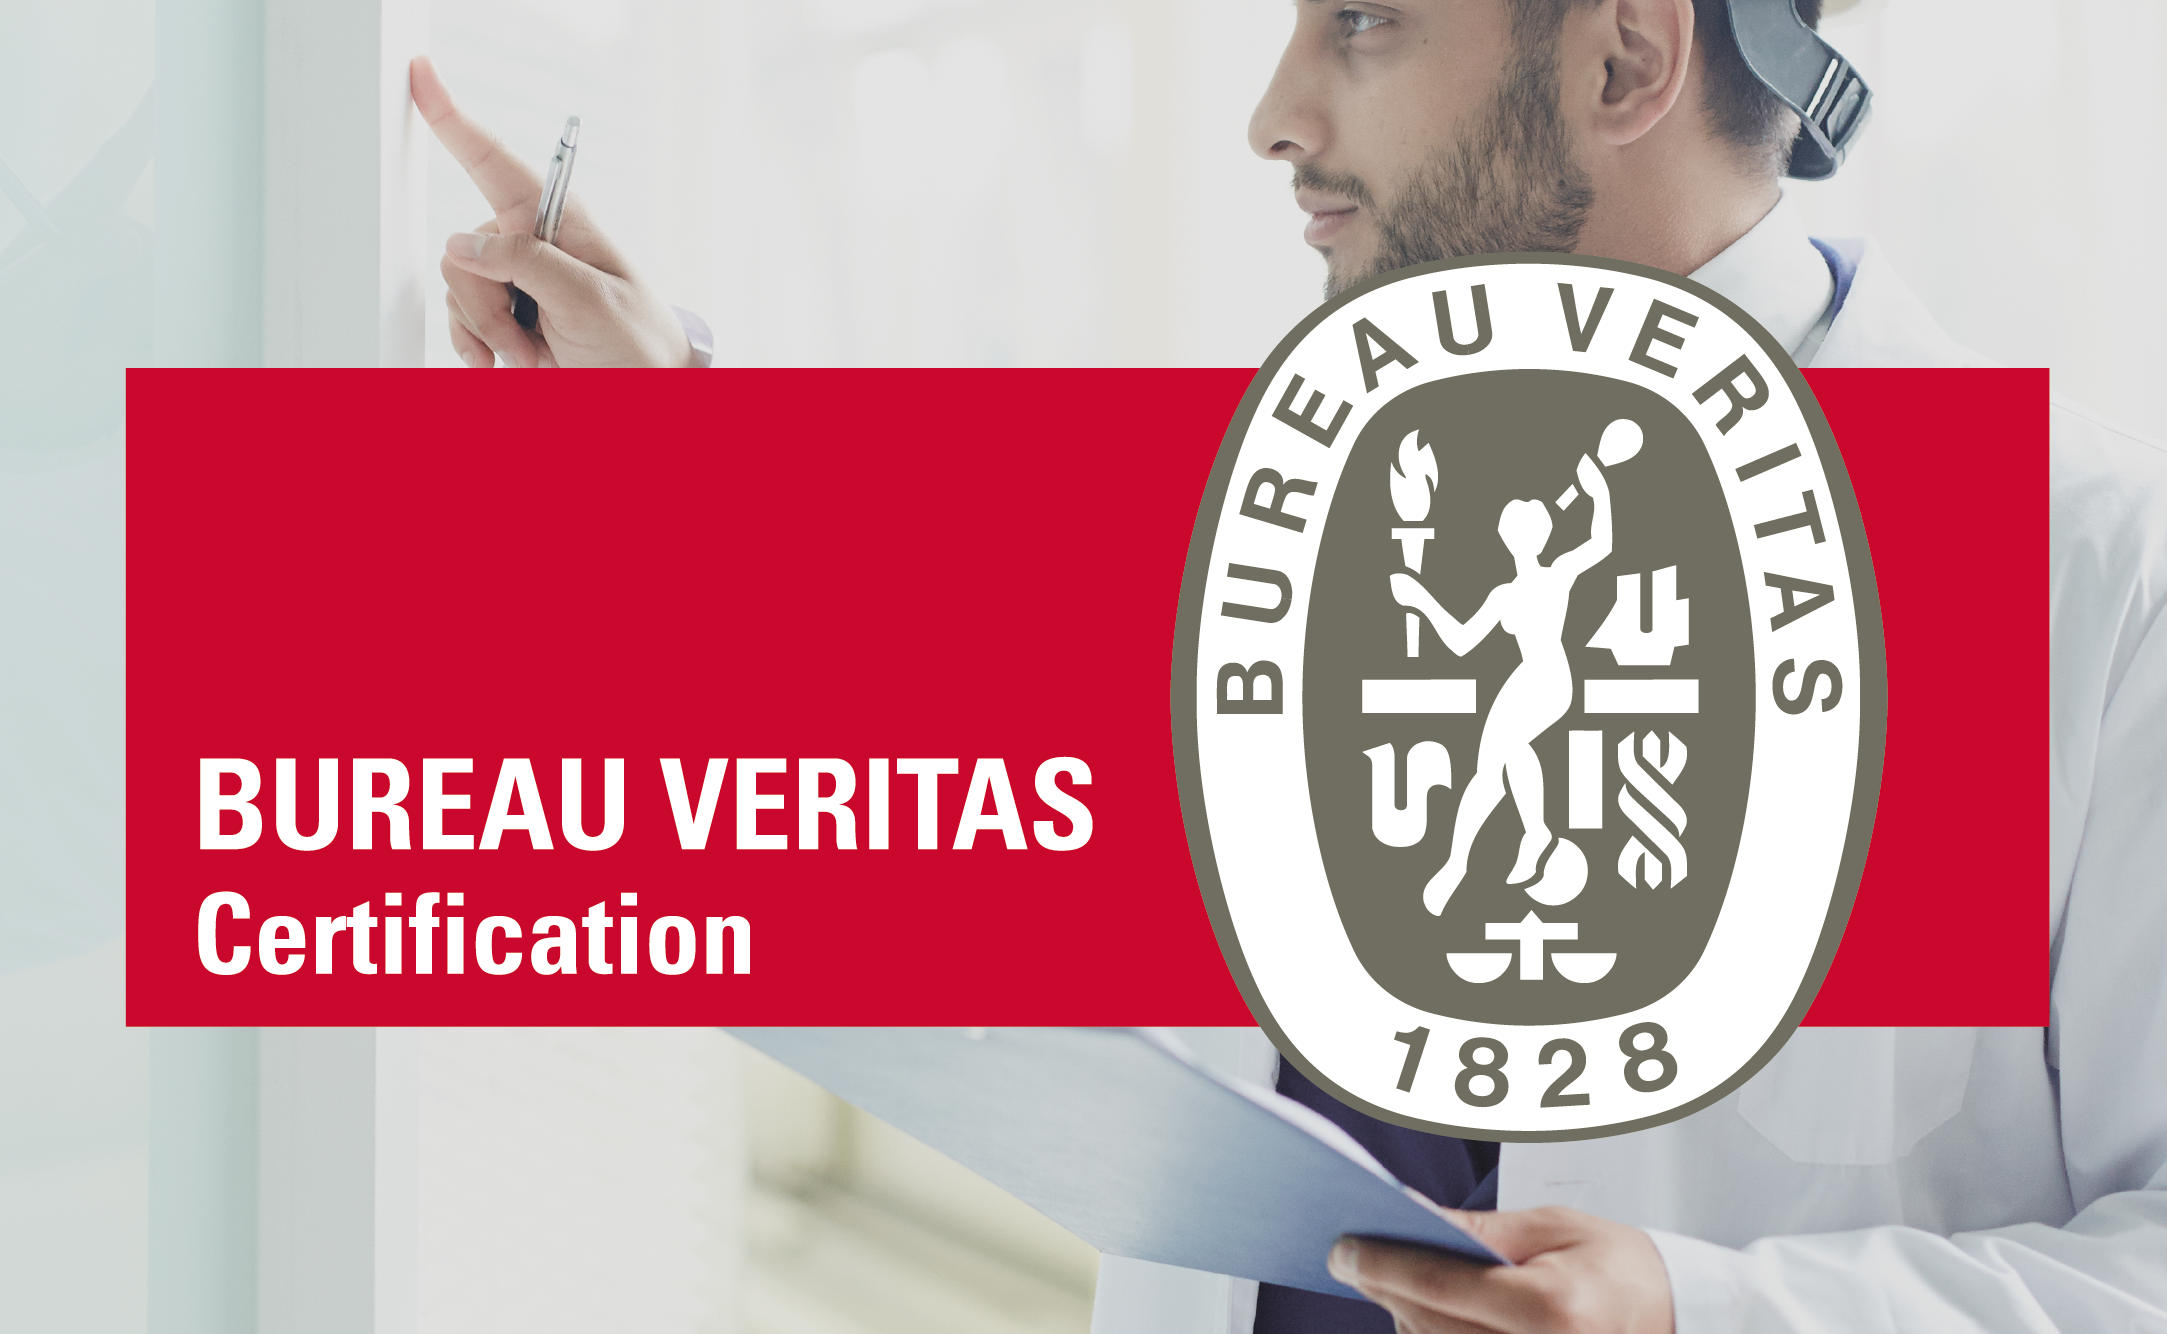 Bureau Veritas verifica los protocolos para la prestación de servicios de restauración de Mediterránea frente a la COVID-19